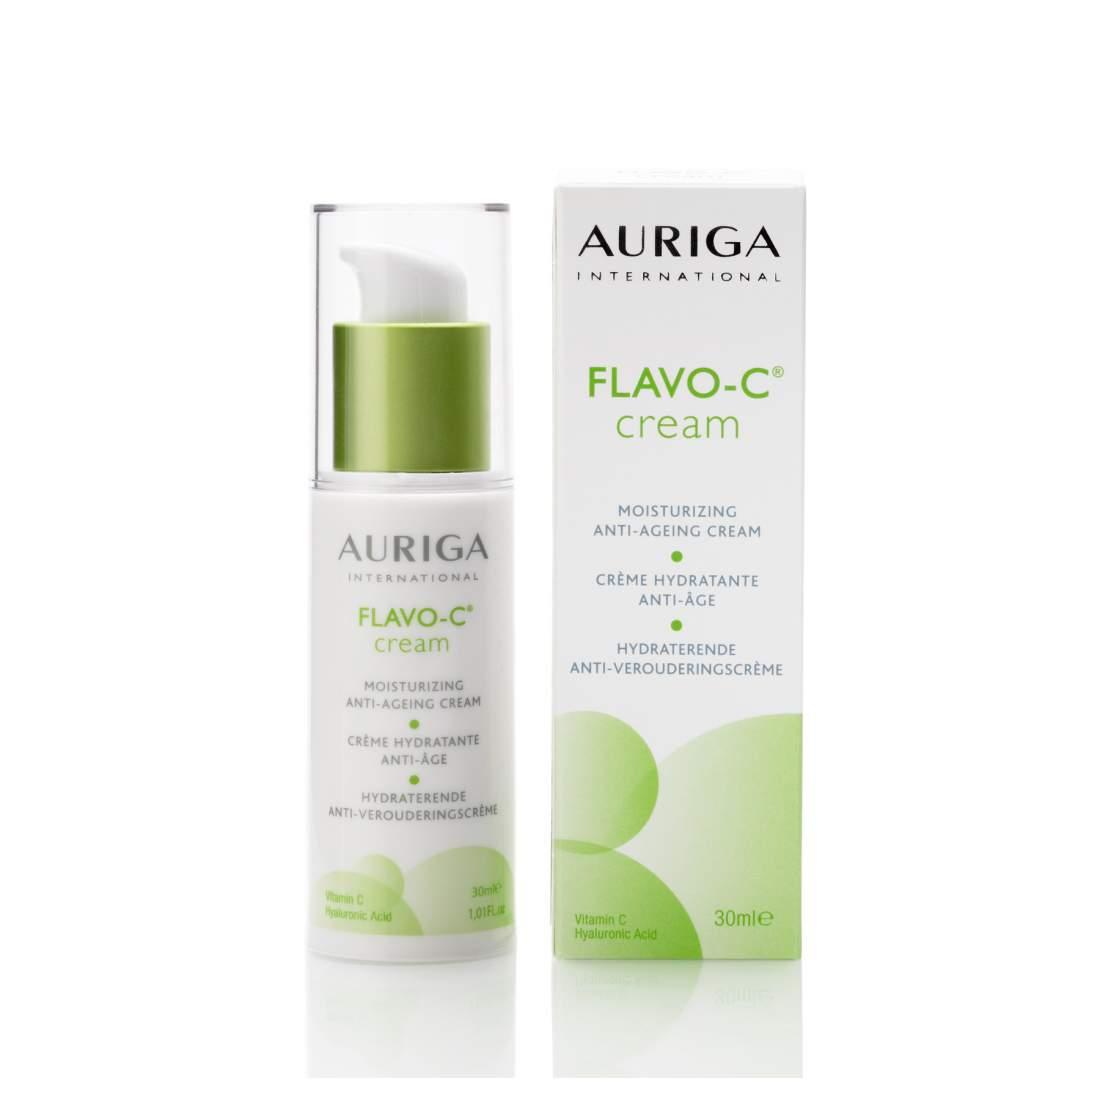 Egyedülálló bőröregedés gátló arckrém száraz bőrre- Auriga Flavo-C Cream